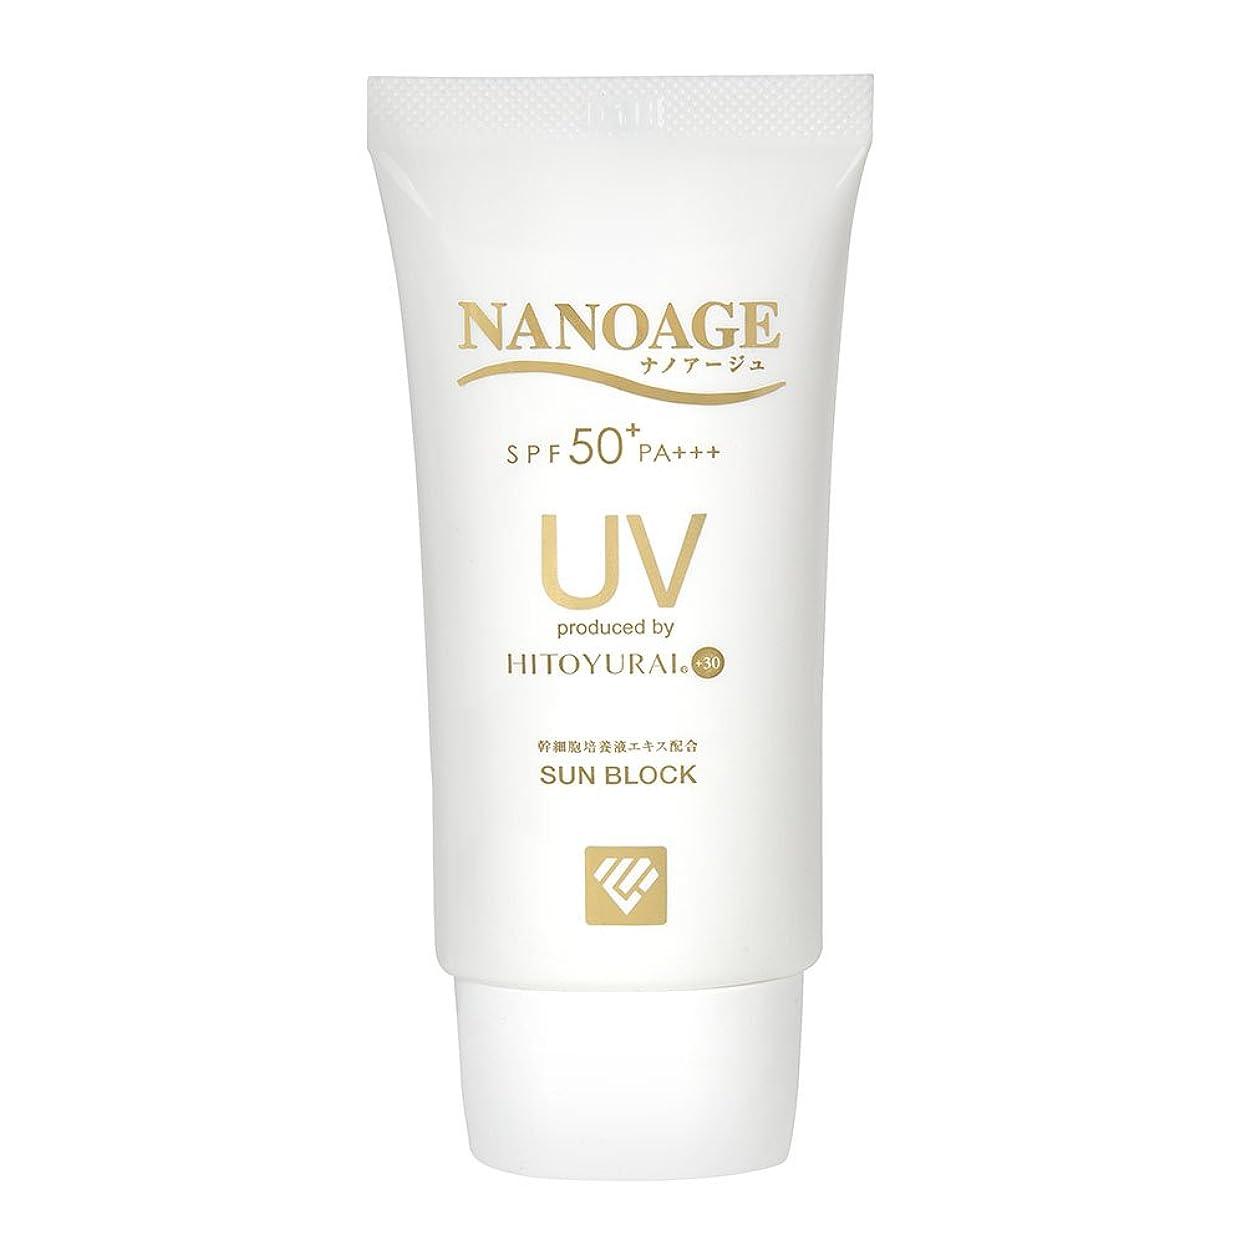 バーマドメンタリティ中古NANOAGE(ナノアージュ) UVクリーム SPF50+ PA+++ 40ml